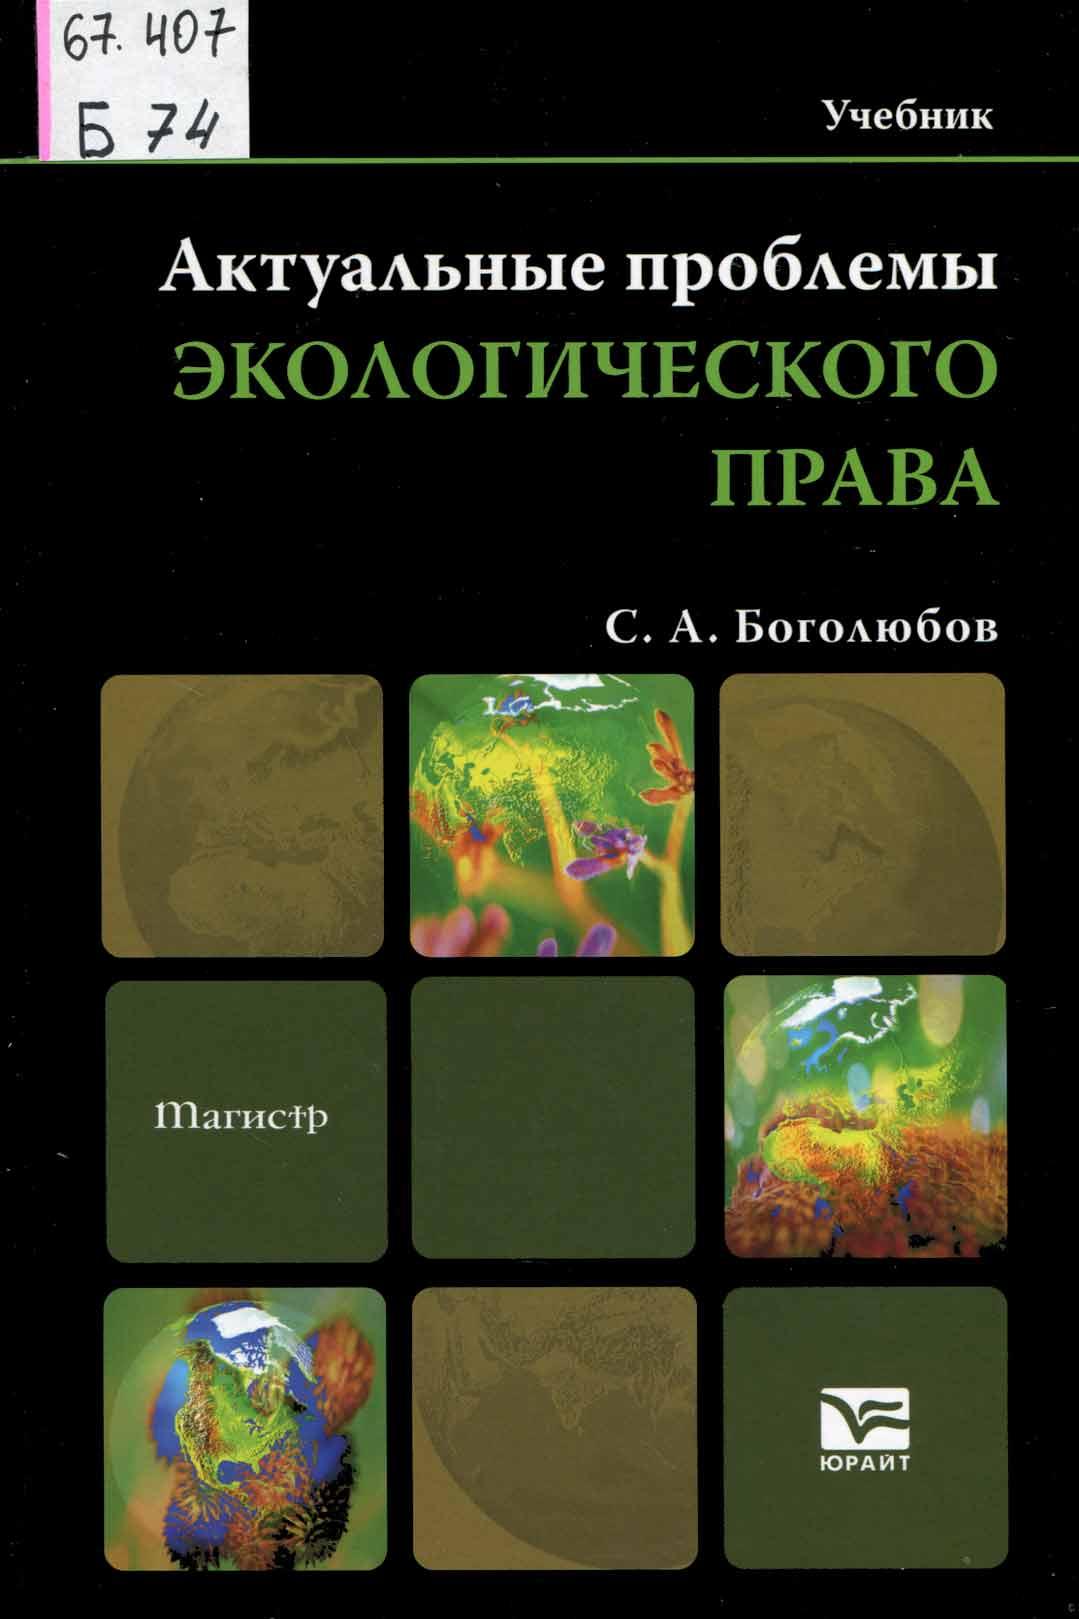 """С.А. Боголюбов """"Актуальные проблемы экологического права"""""""